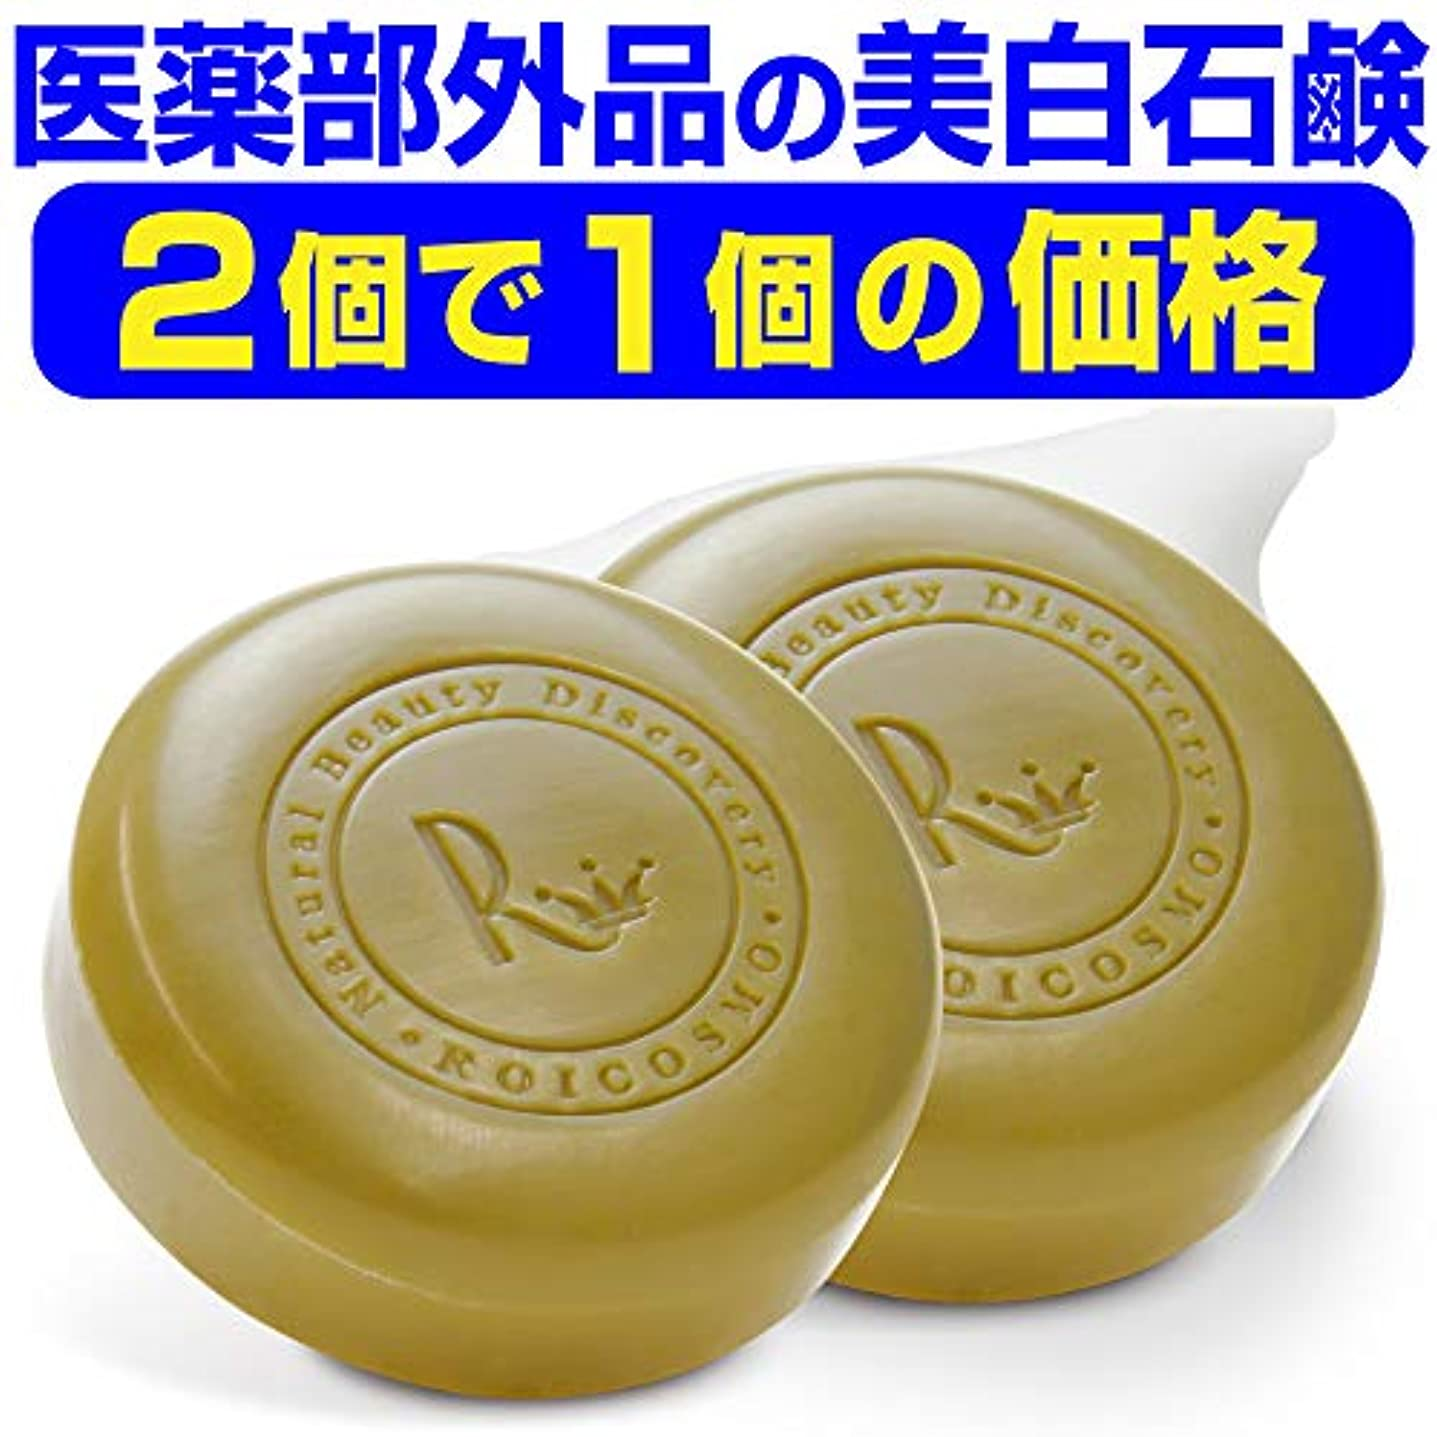 車両前奏曲エジプト人2個まとめ買い9%OFF 美白石鹸/ビタミンC270倍の美白成分配合の 洗顔石鹸 固形『ホワイトソープ100g×2個』